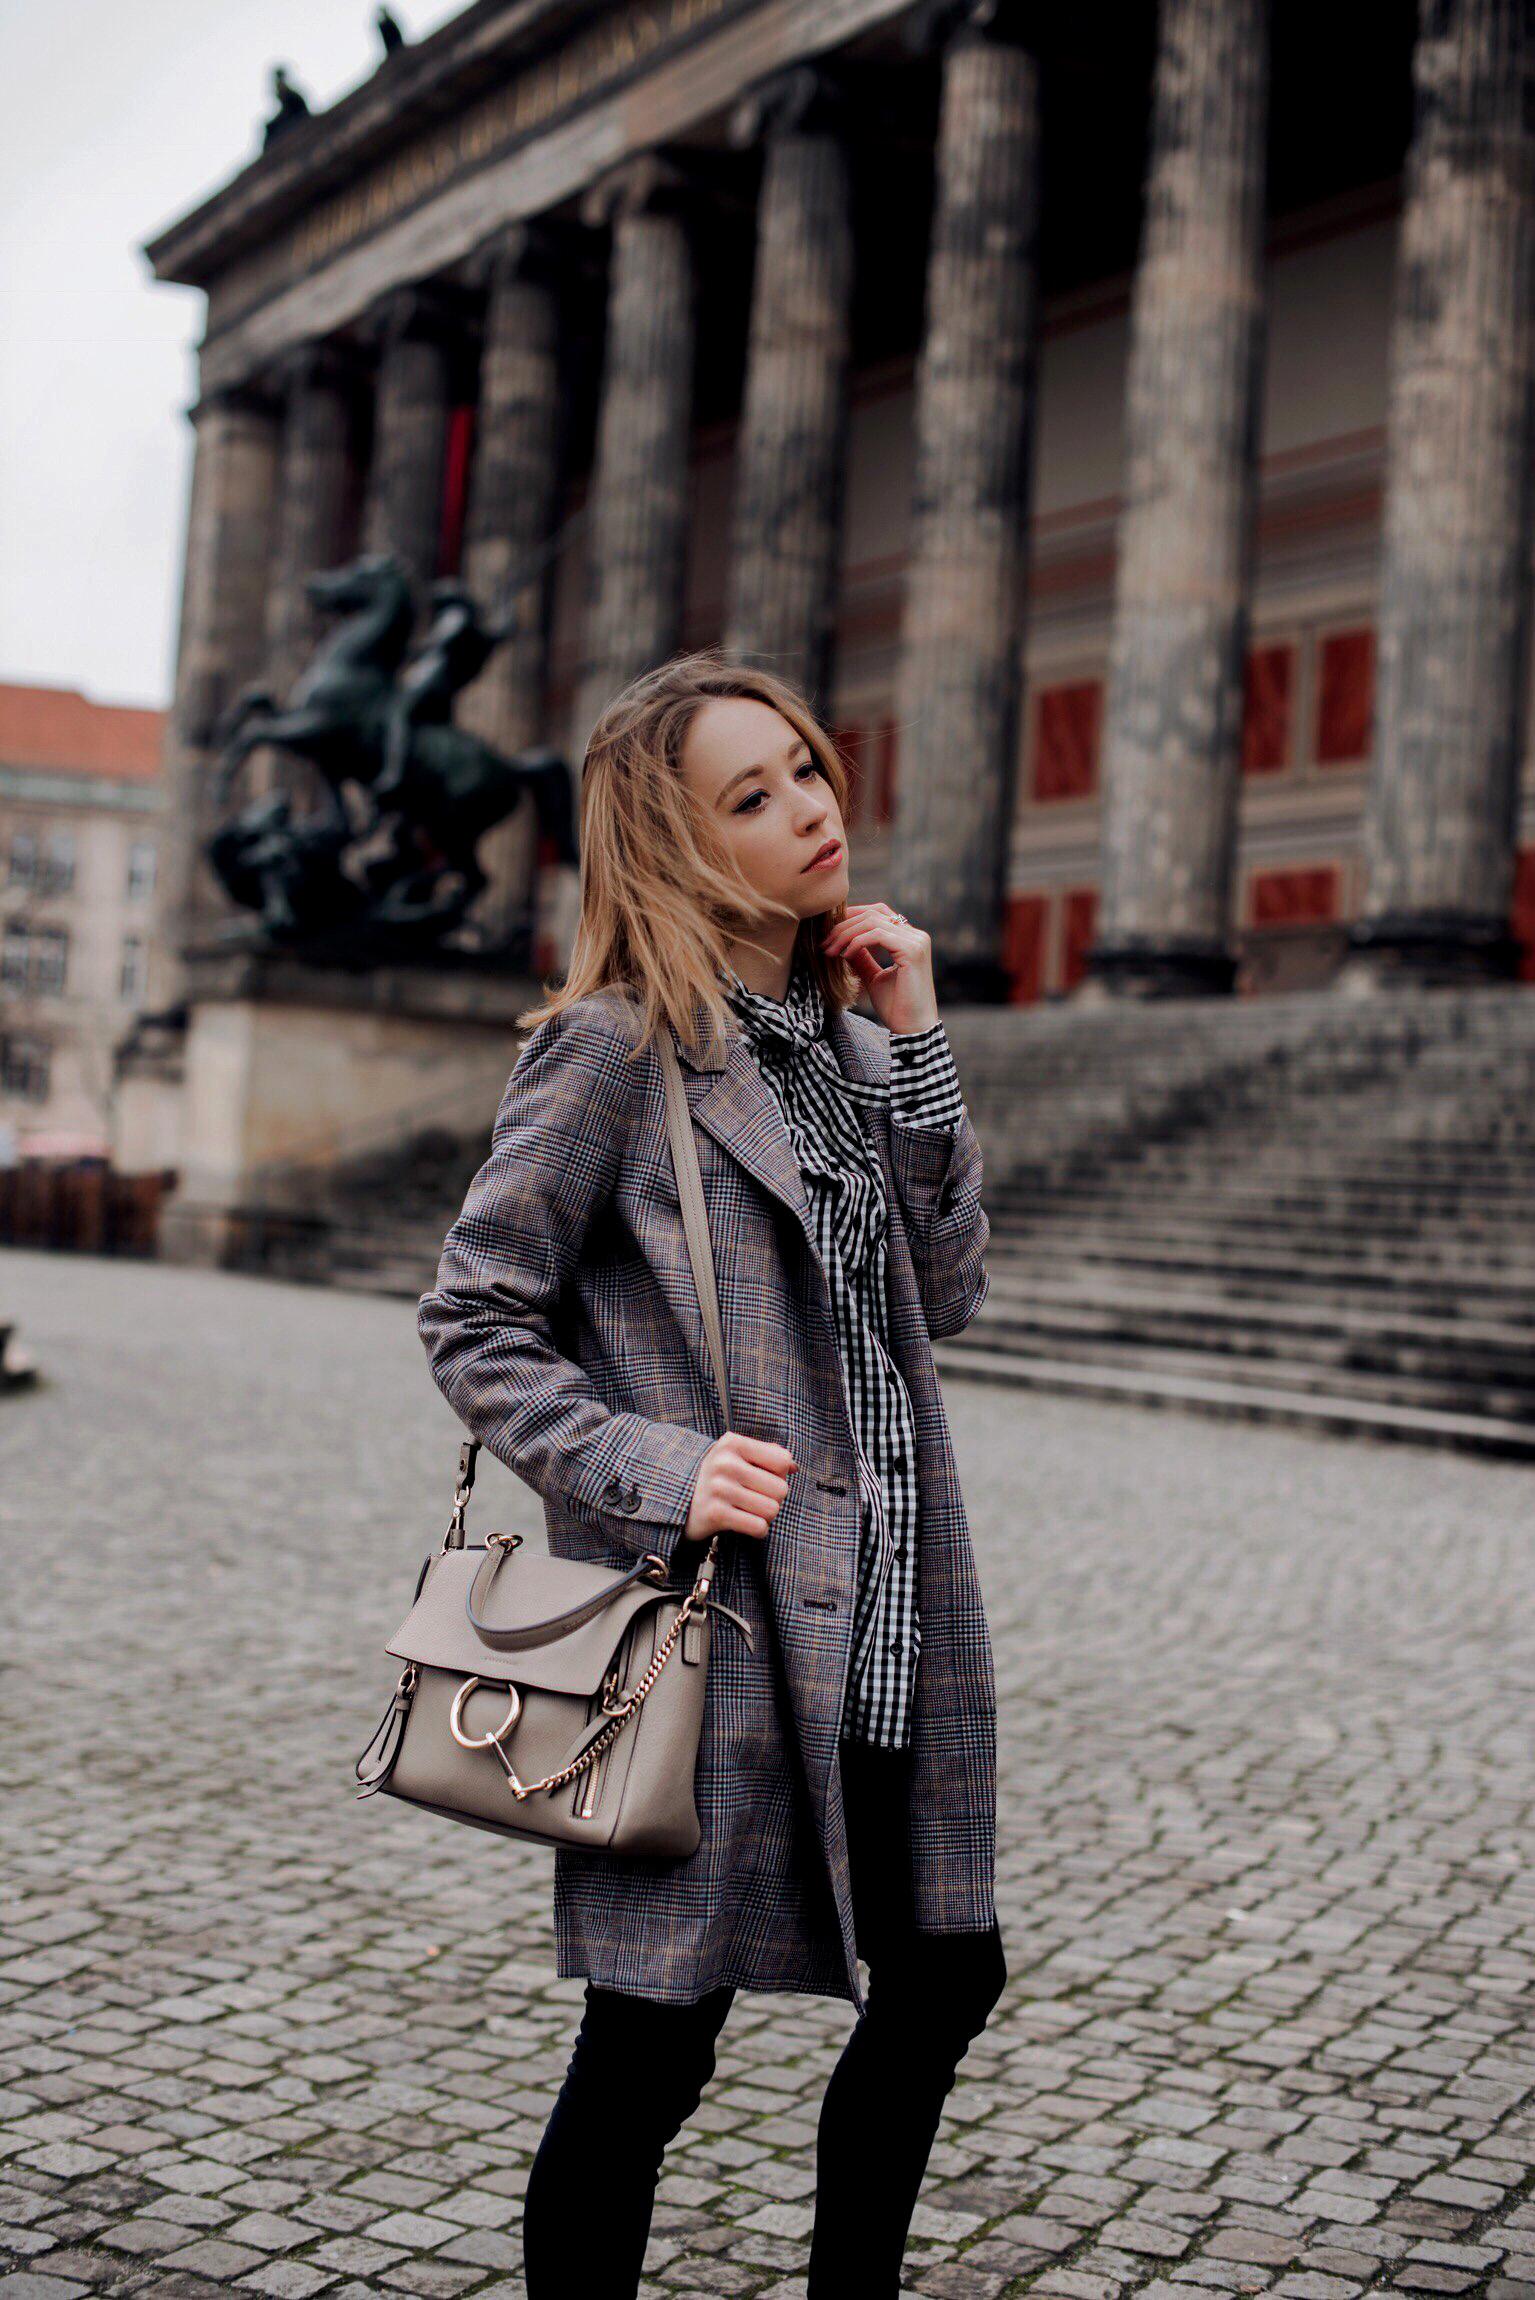 Mantel TrendsDiese Mäntel Wir Tragen Herbst Und Diesen Winter shrdQCt